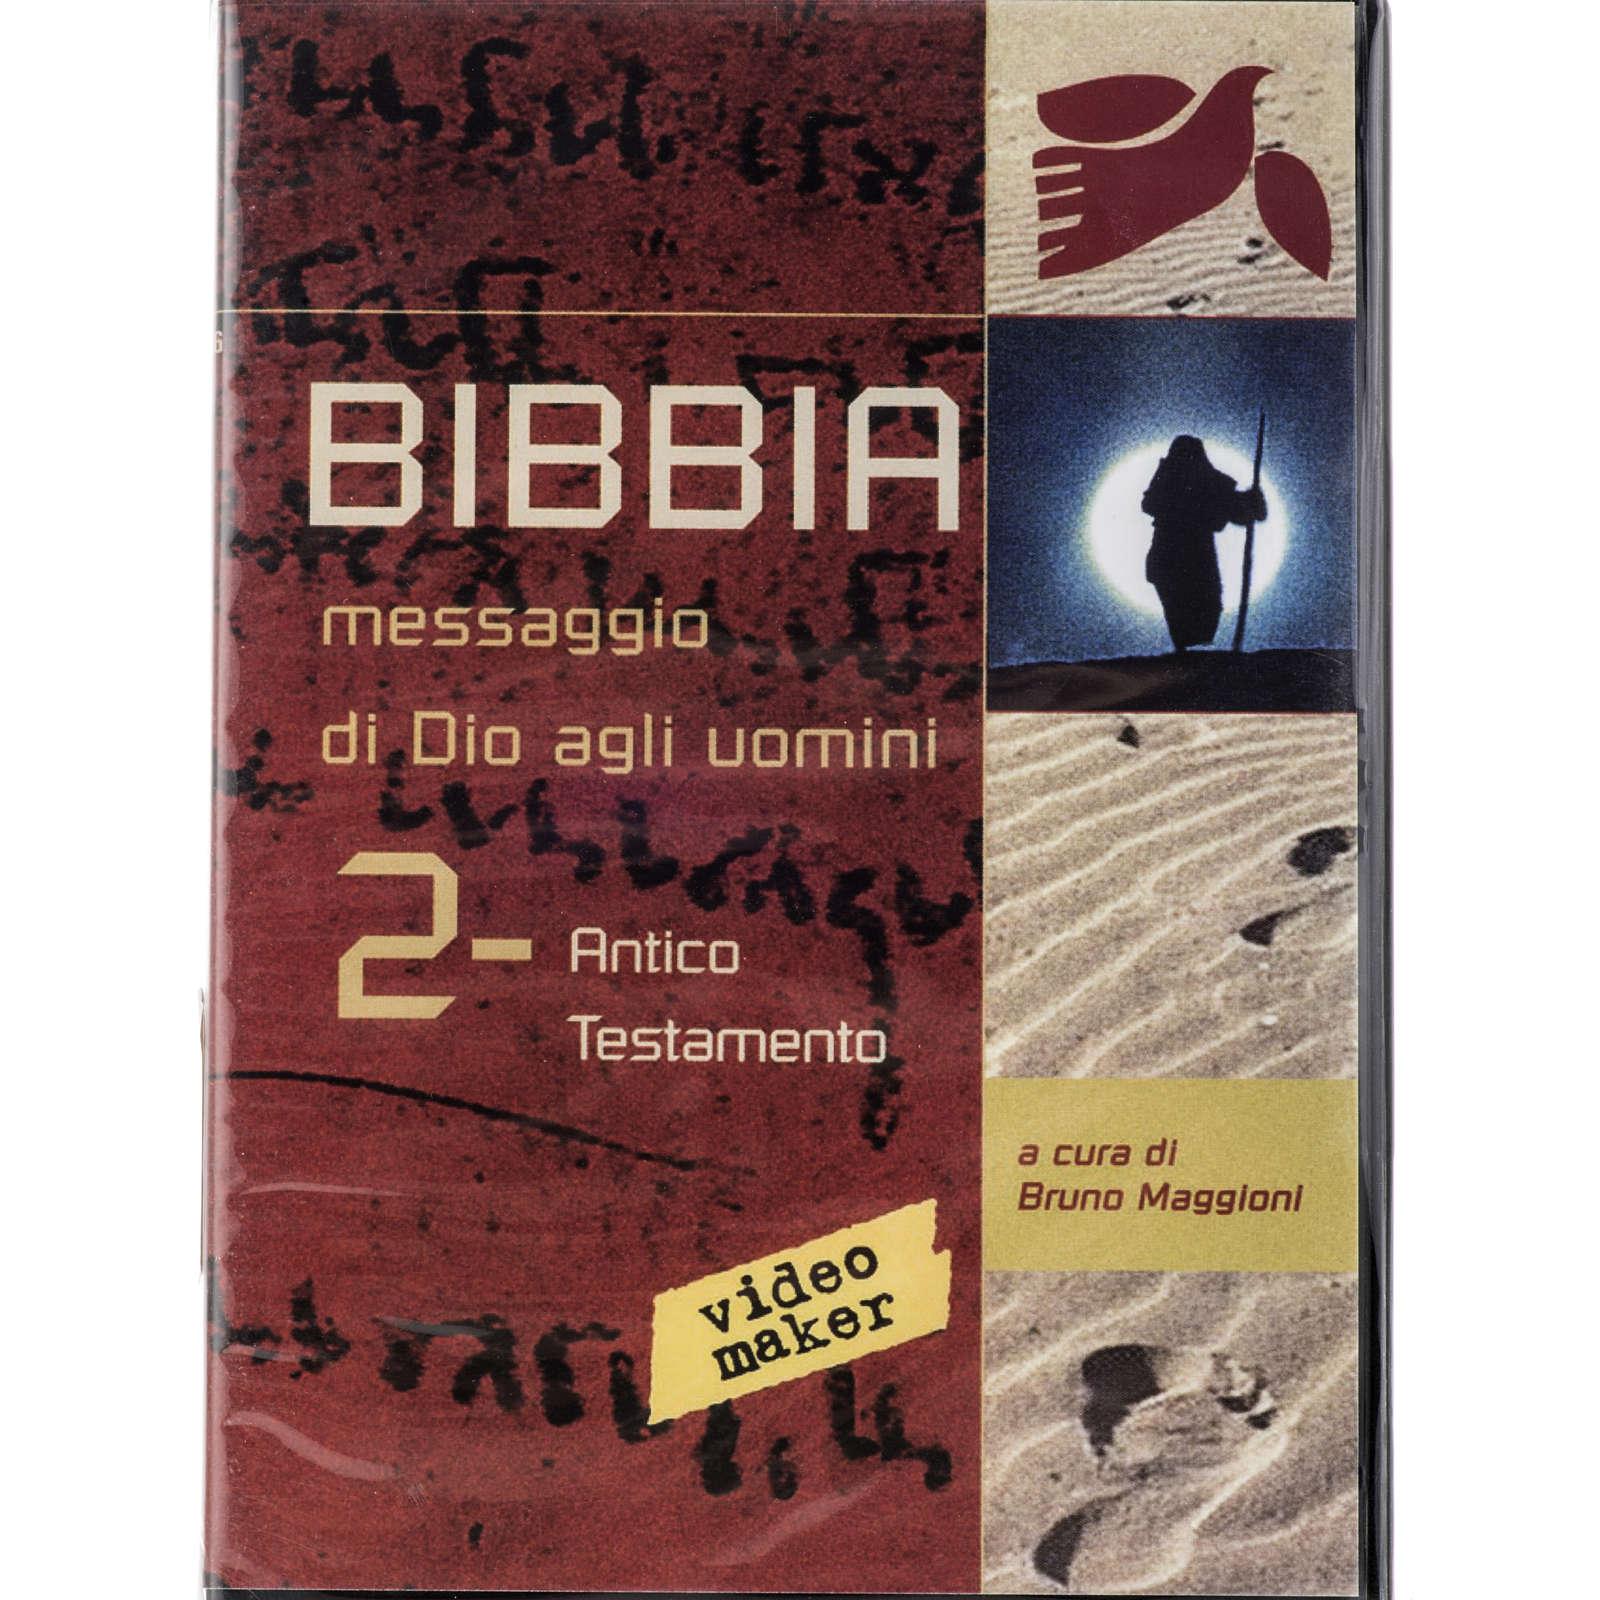 Bibbia messaggio di Dio agli uomini - volume II 3